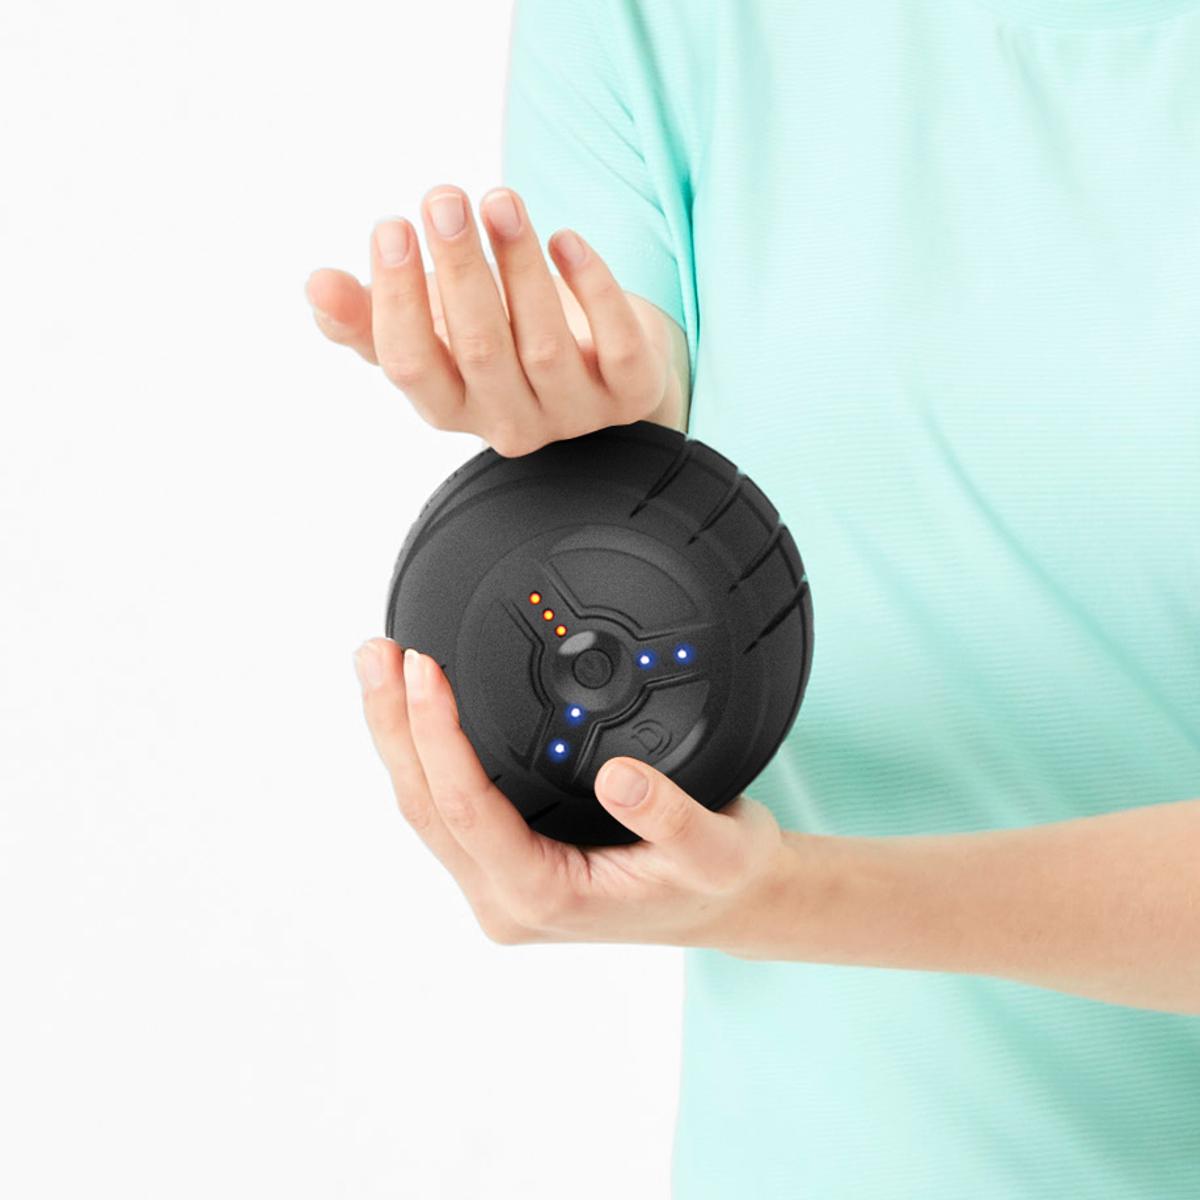 身体中をほぐしながら転がる「ブルブル丸」|毎分4,000回の振動で、筋肉を奥深くから揺さぶるストレッチボール|3Dコンディショニングボール